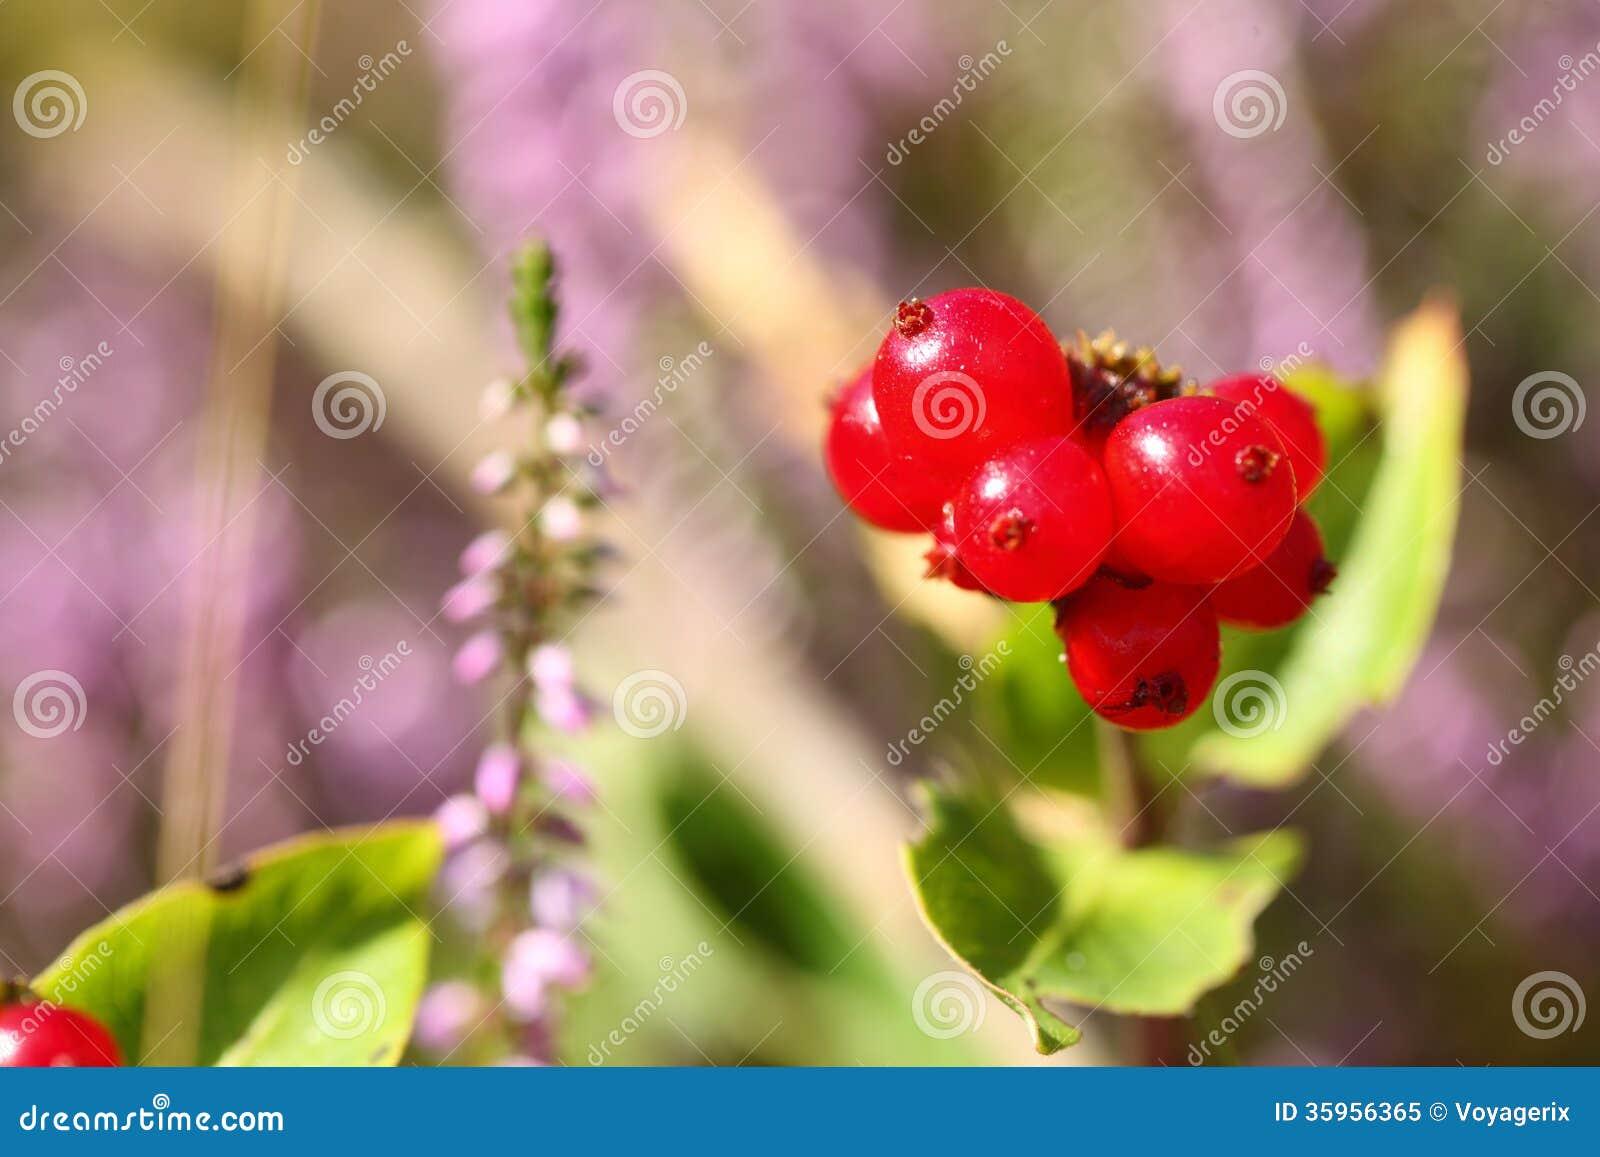 Suecica rojo no comestible salvaje del Cornus de las bayas